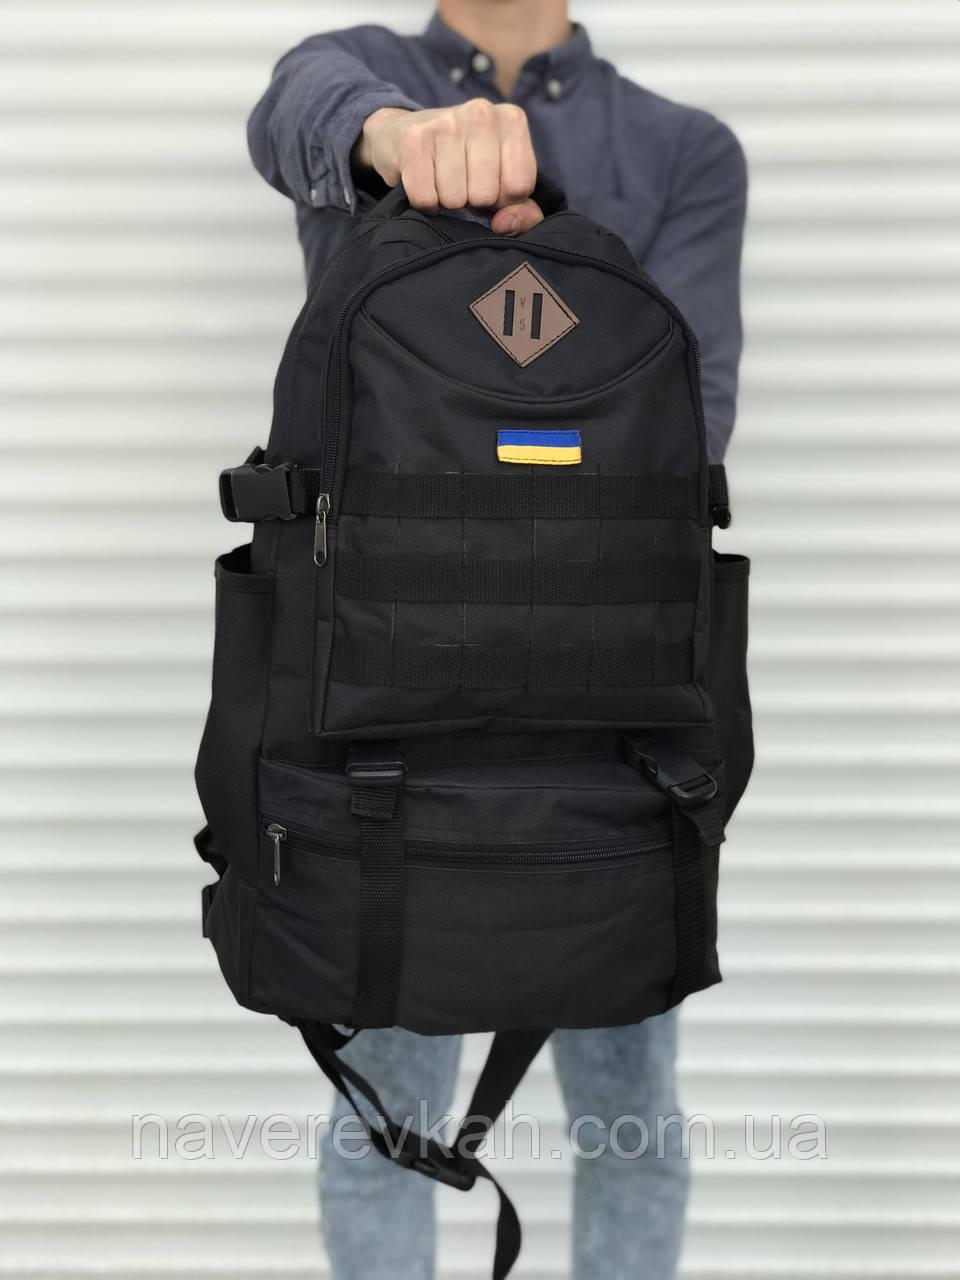 Мужской черный рюкзак 40 литров